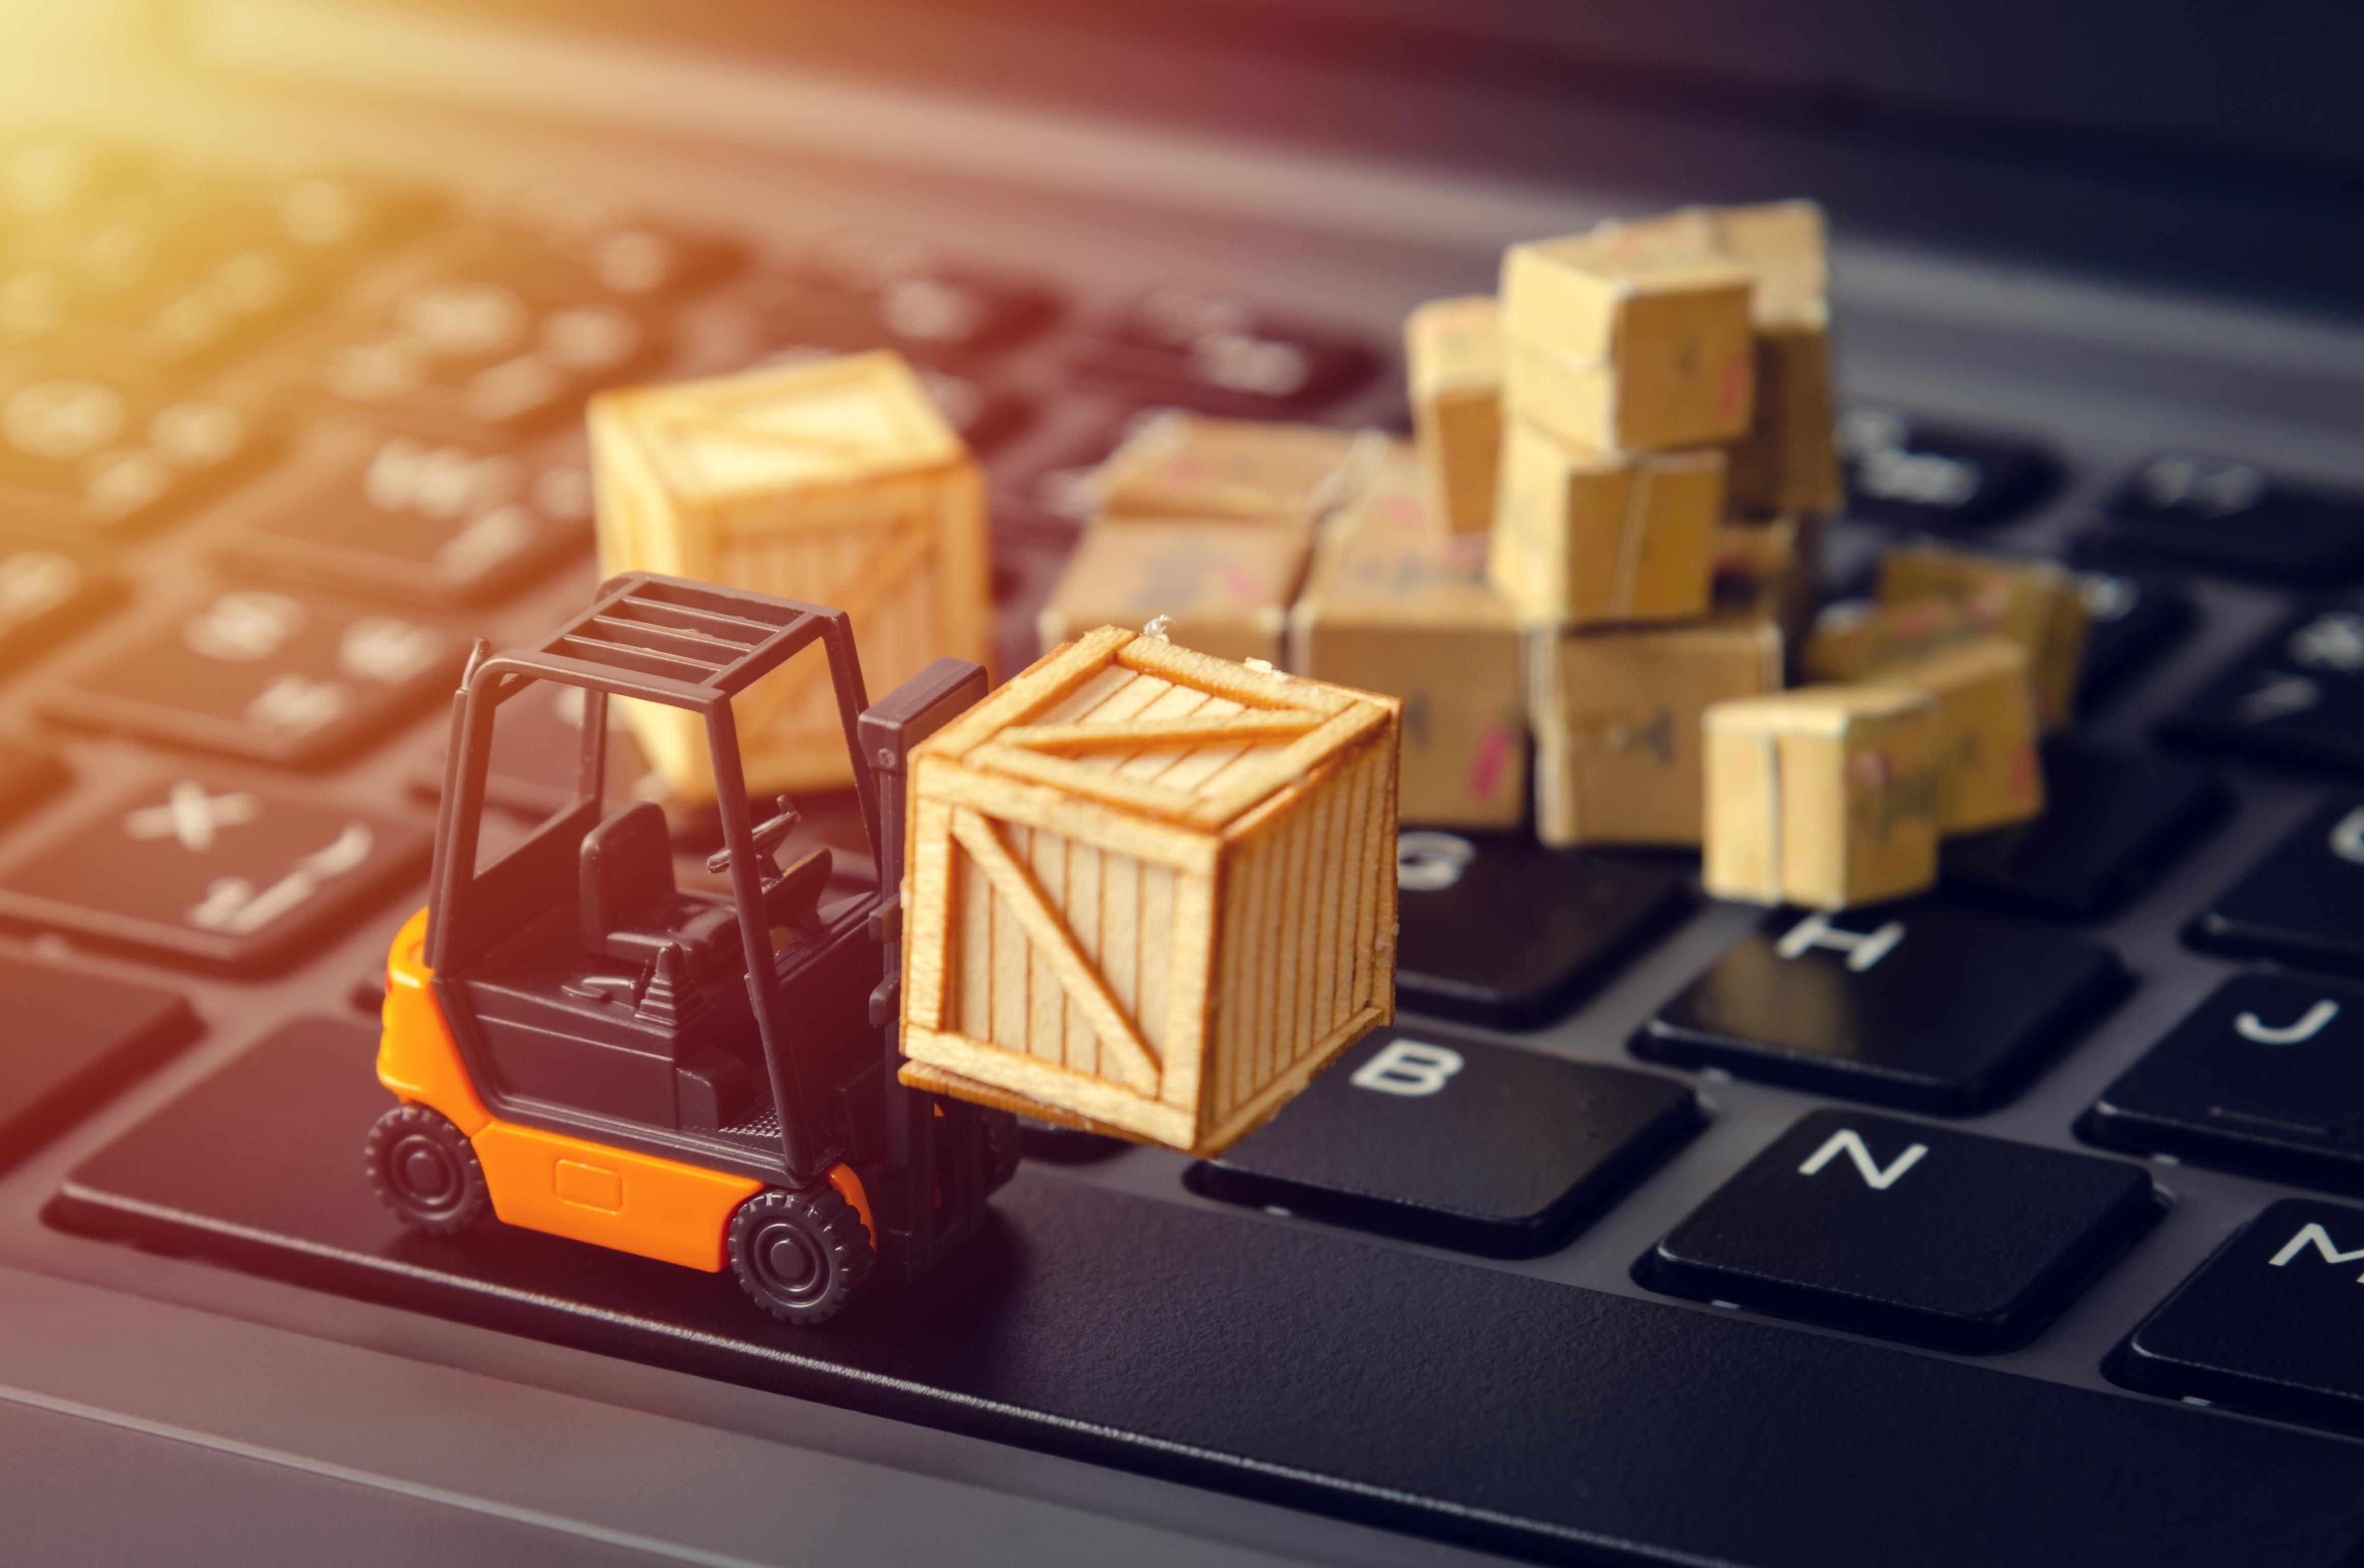 Inteligentne systemy zarządzania – jak wykorzystać ich możliwości?